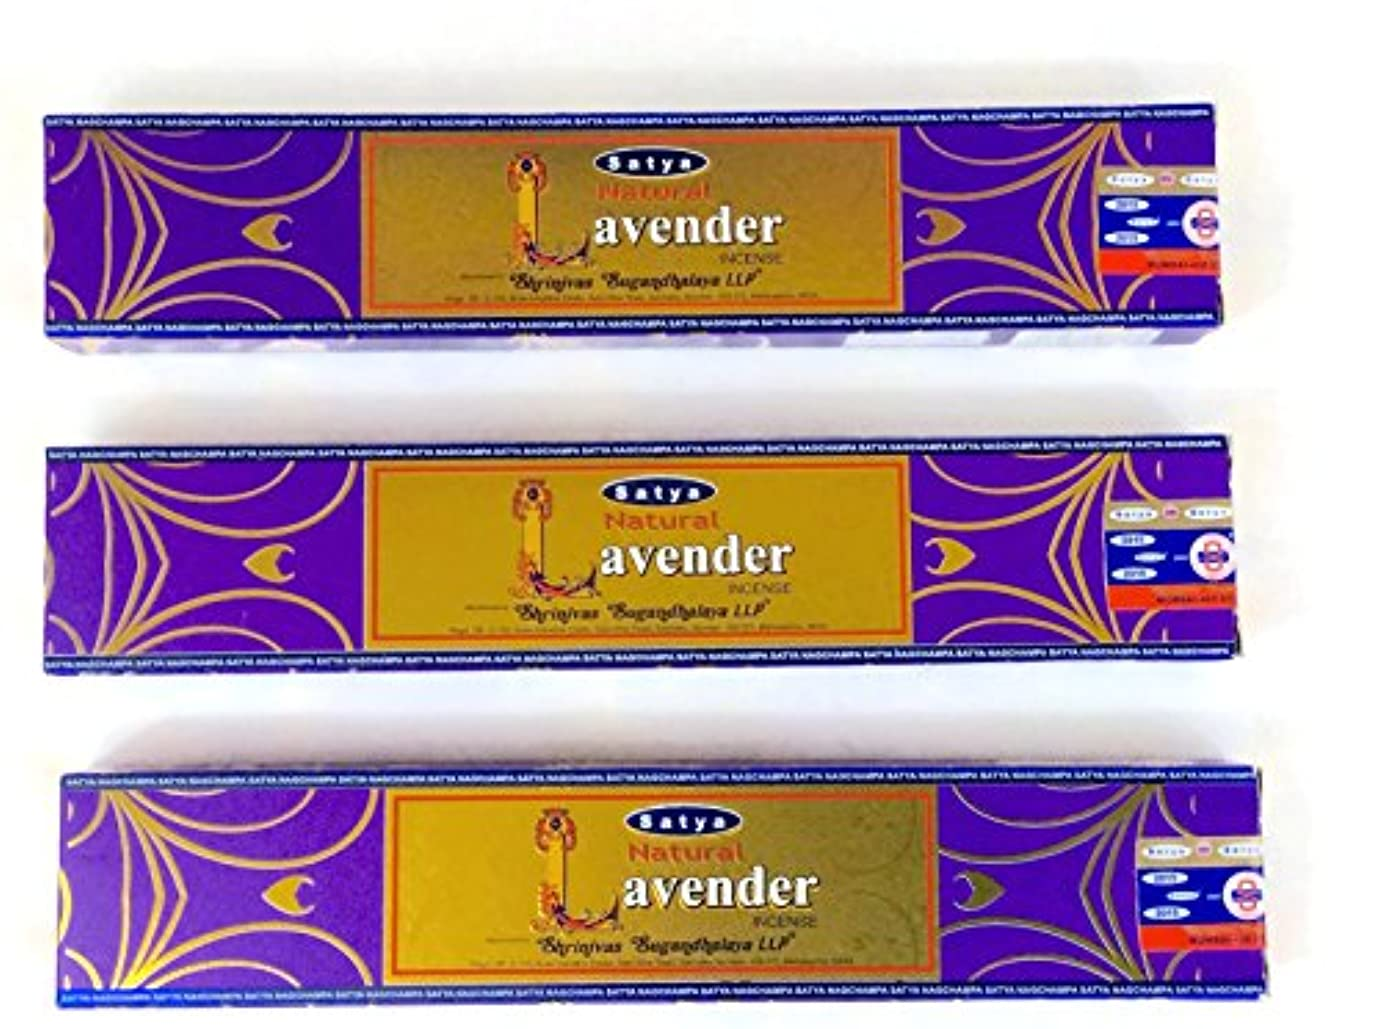 押すなるひねり天然ラベンダーIncense Lot of 3パック。インドでハンドメイド